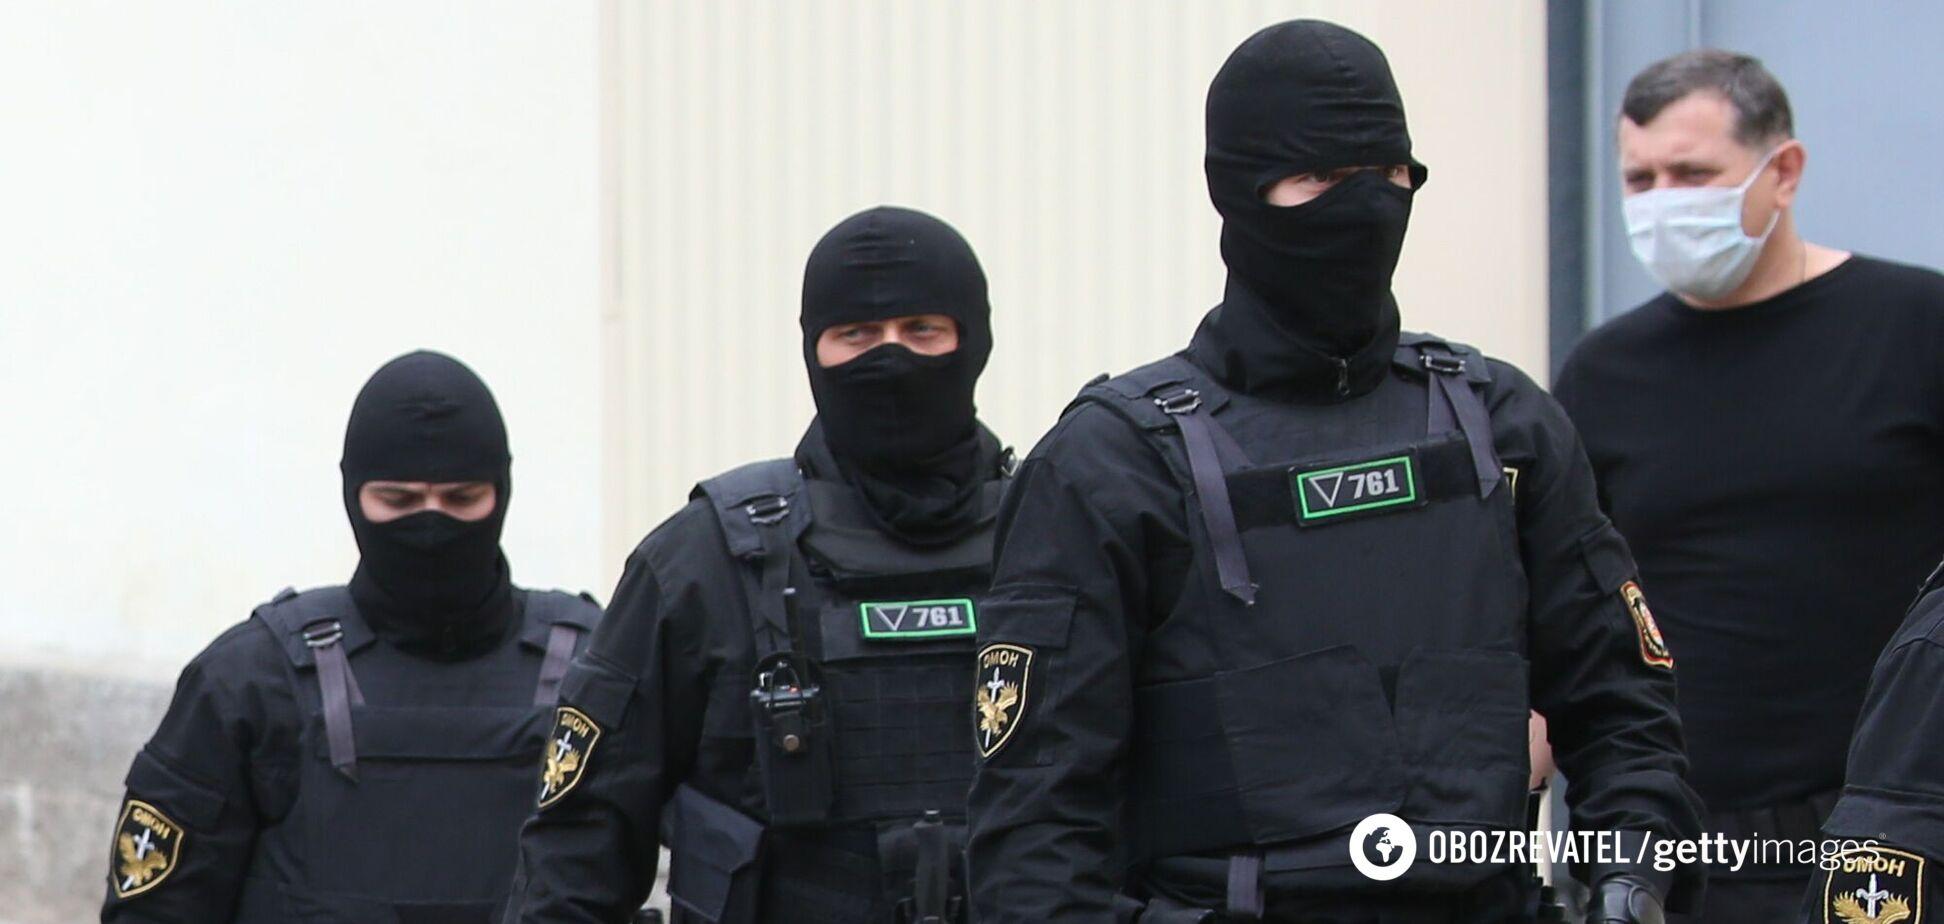 Операция ГРУ против Украины продолжается: под ударом - Генпрокуратура?